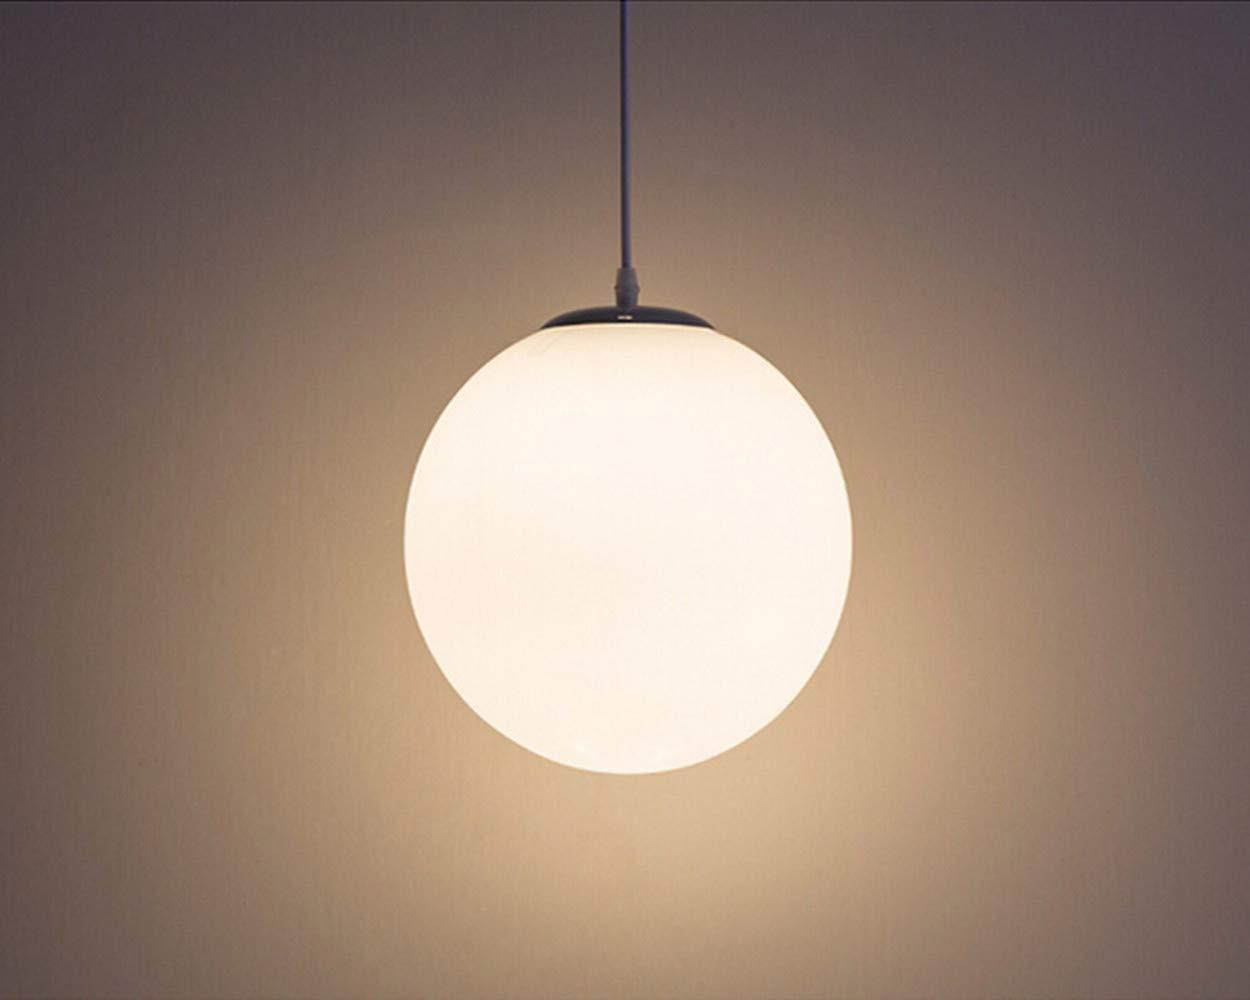 Aua lampadario con sfera di vetro lampada a sospensione lampada